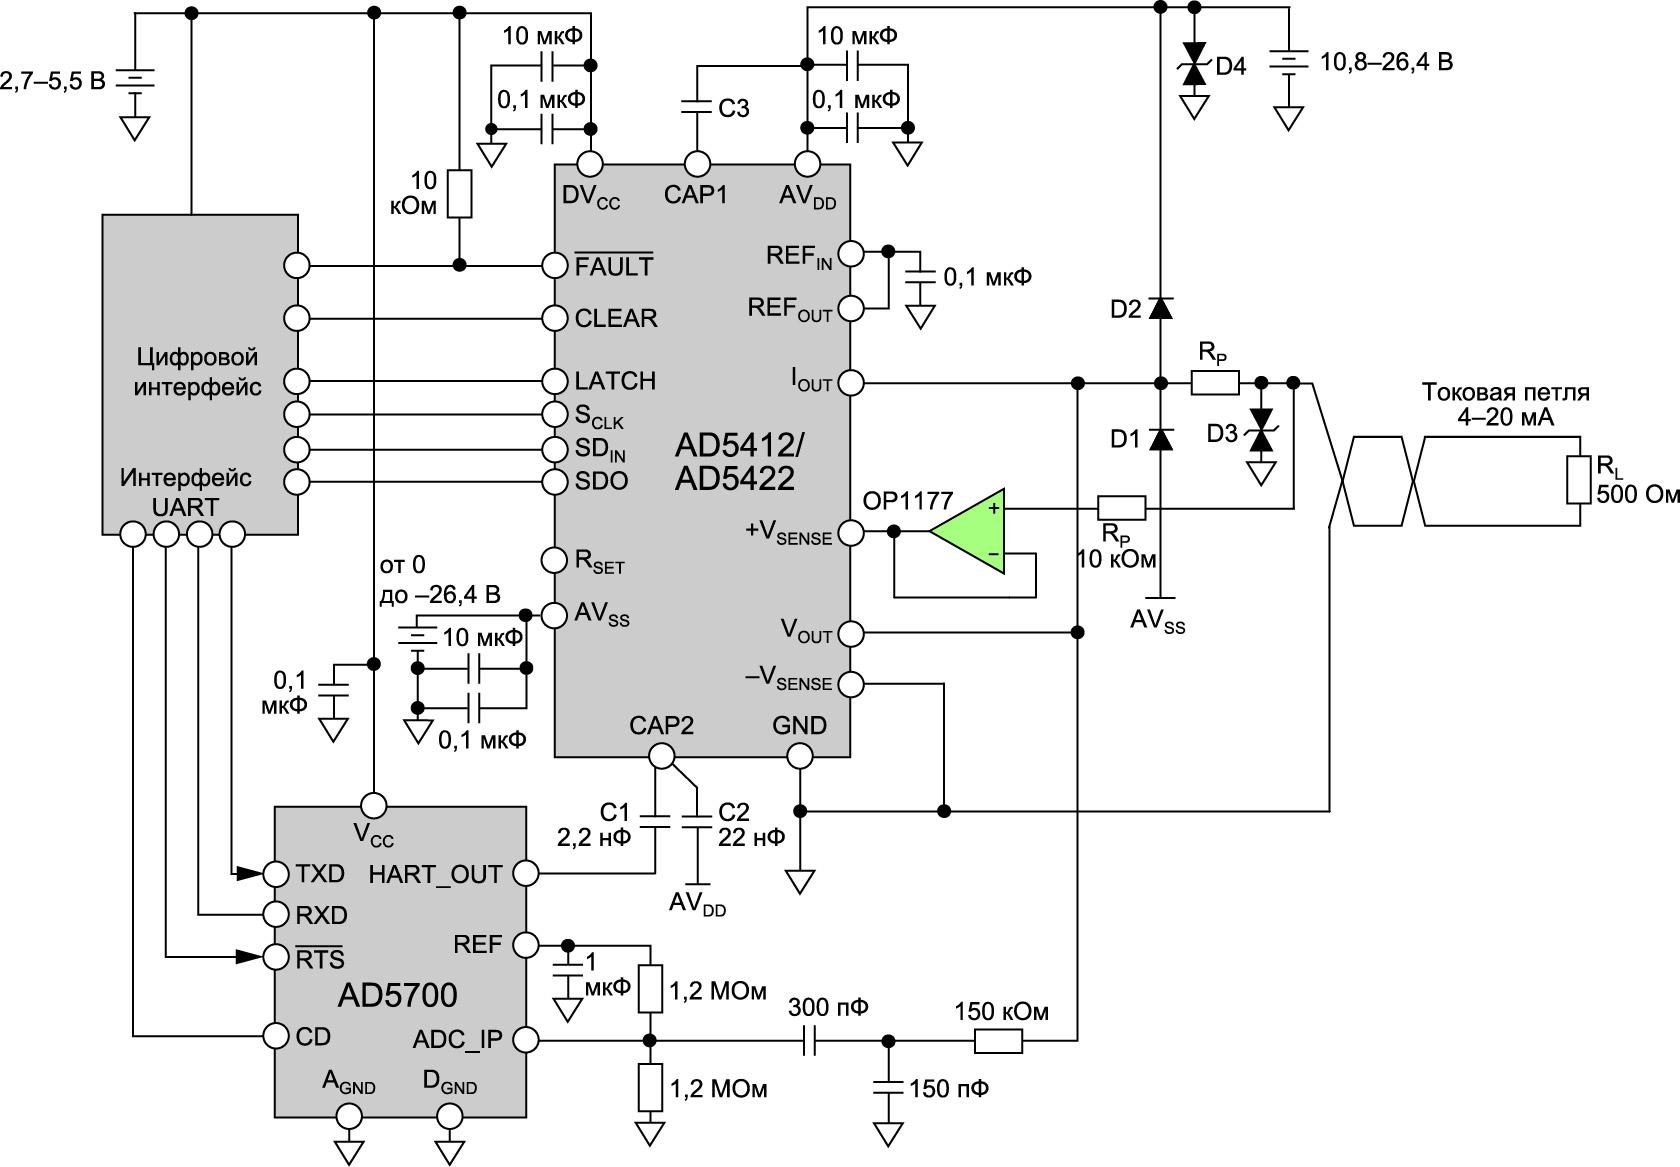 Передача информации через интерфейс токовой петли 4–20 мА с использованием протокола HART